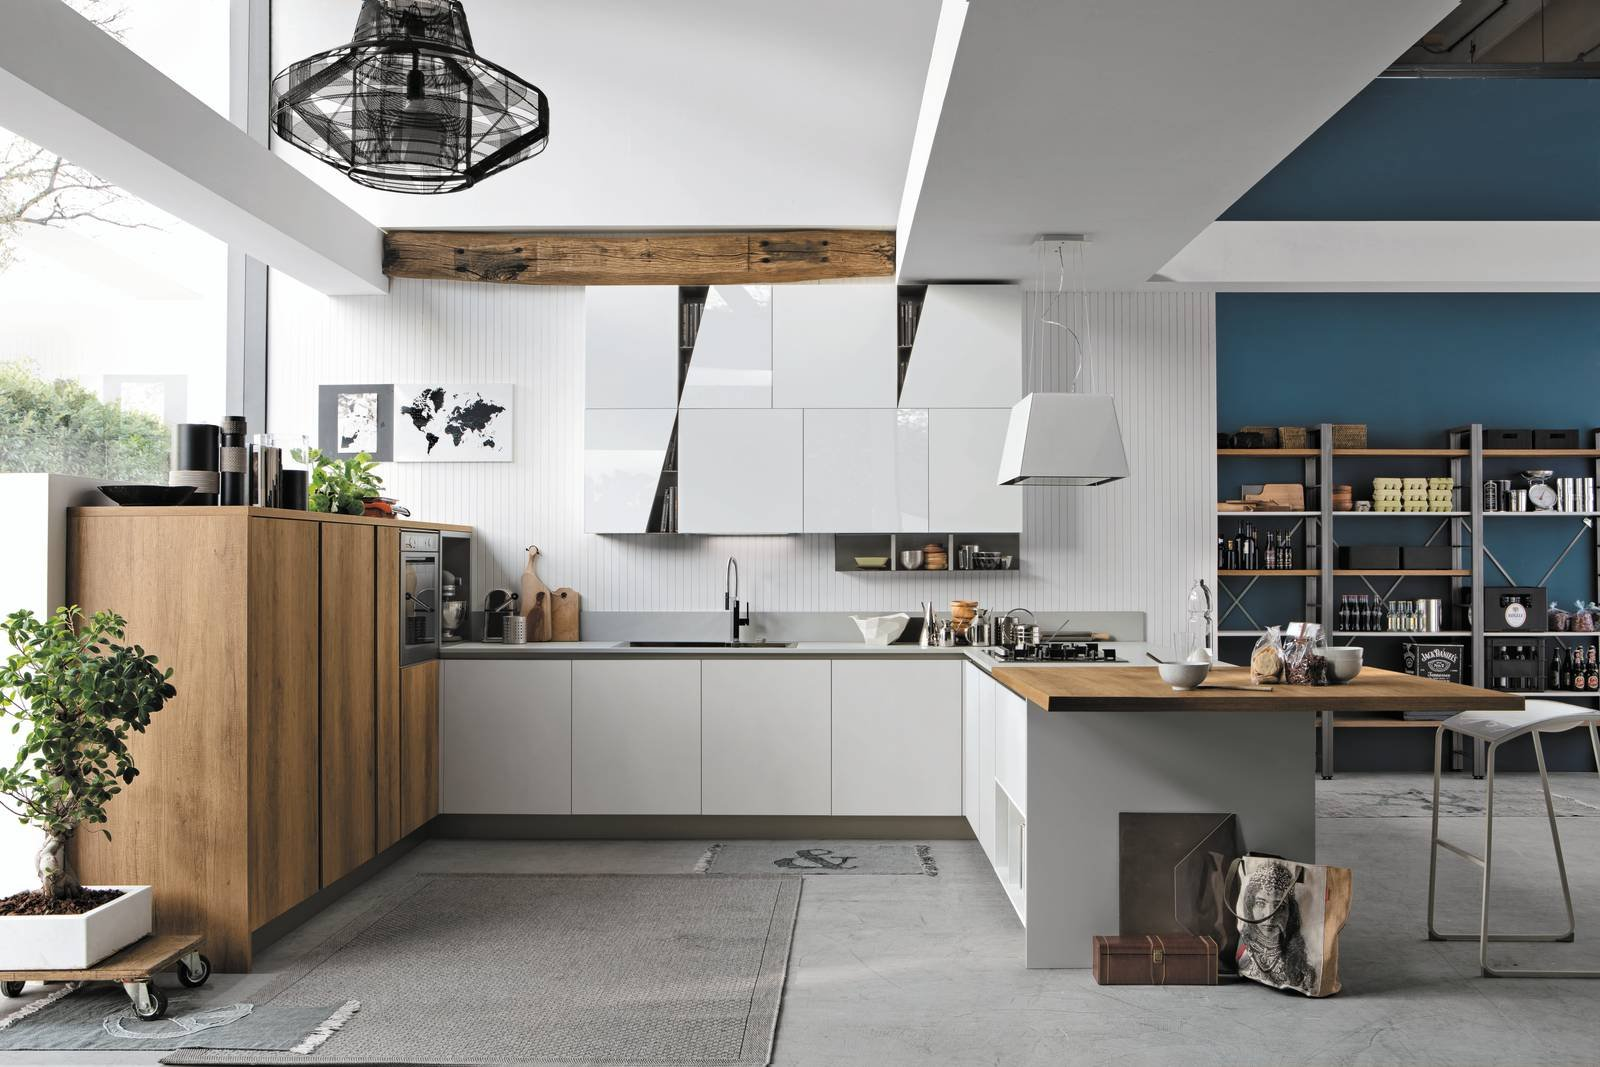 La cucina a u raccolta ergonomica funzionale cose di casa - Foto cucine moderne ...